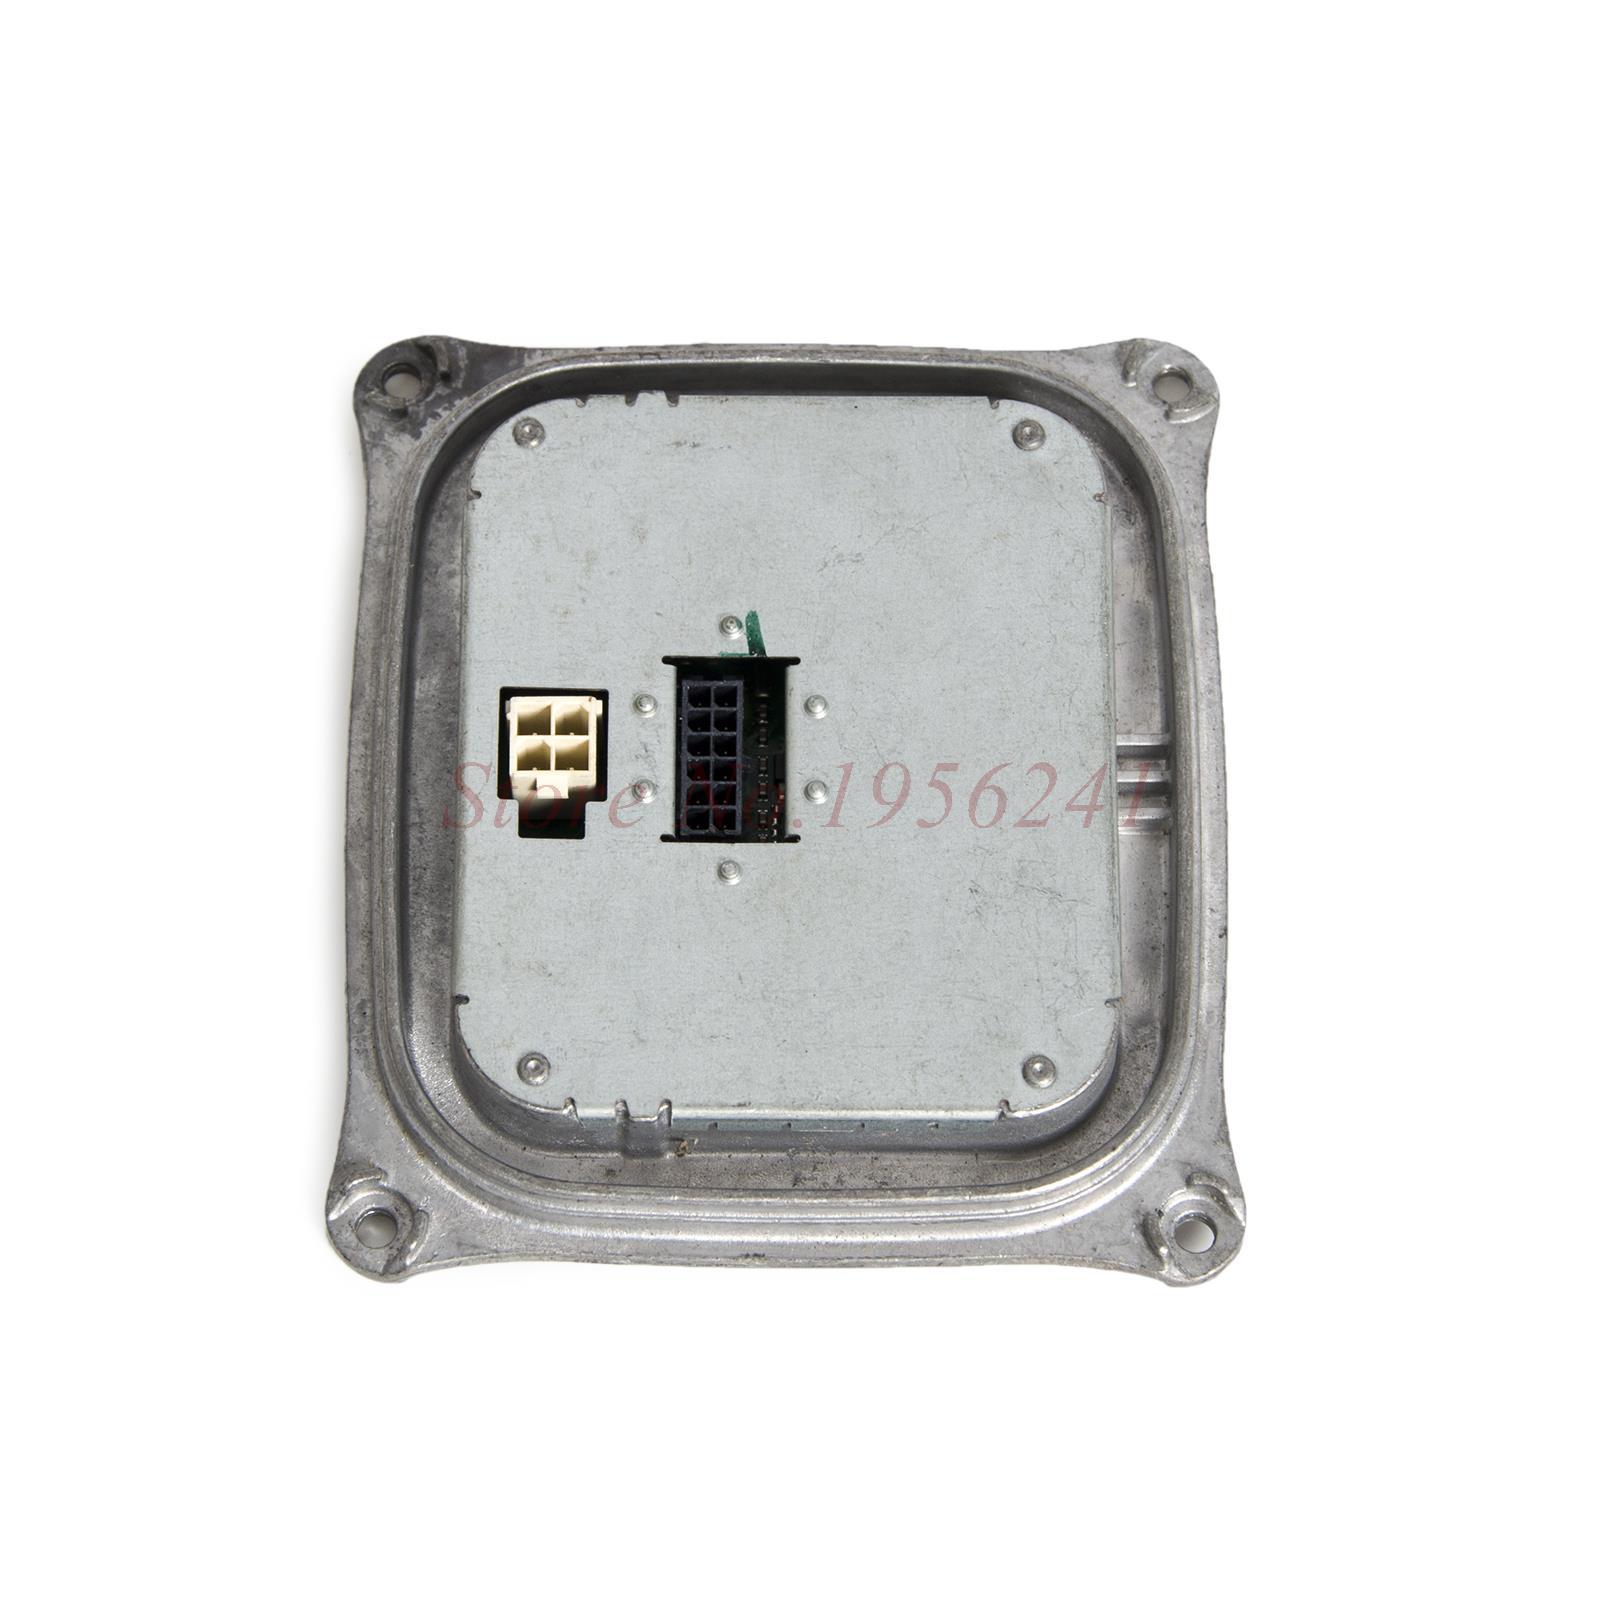 Direct Replacment Ballast for Bosch AL Gen4  D1s D1r Ballast Part# 1307391519301 ryad mogador al madina ex lti al madina palace 4 агадир